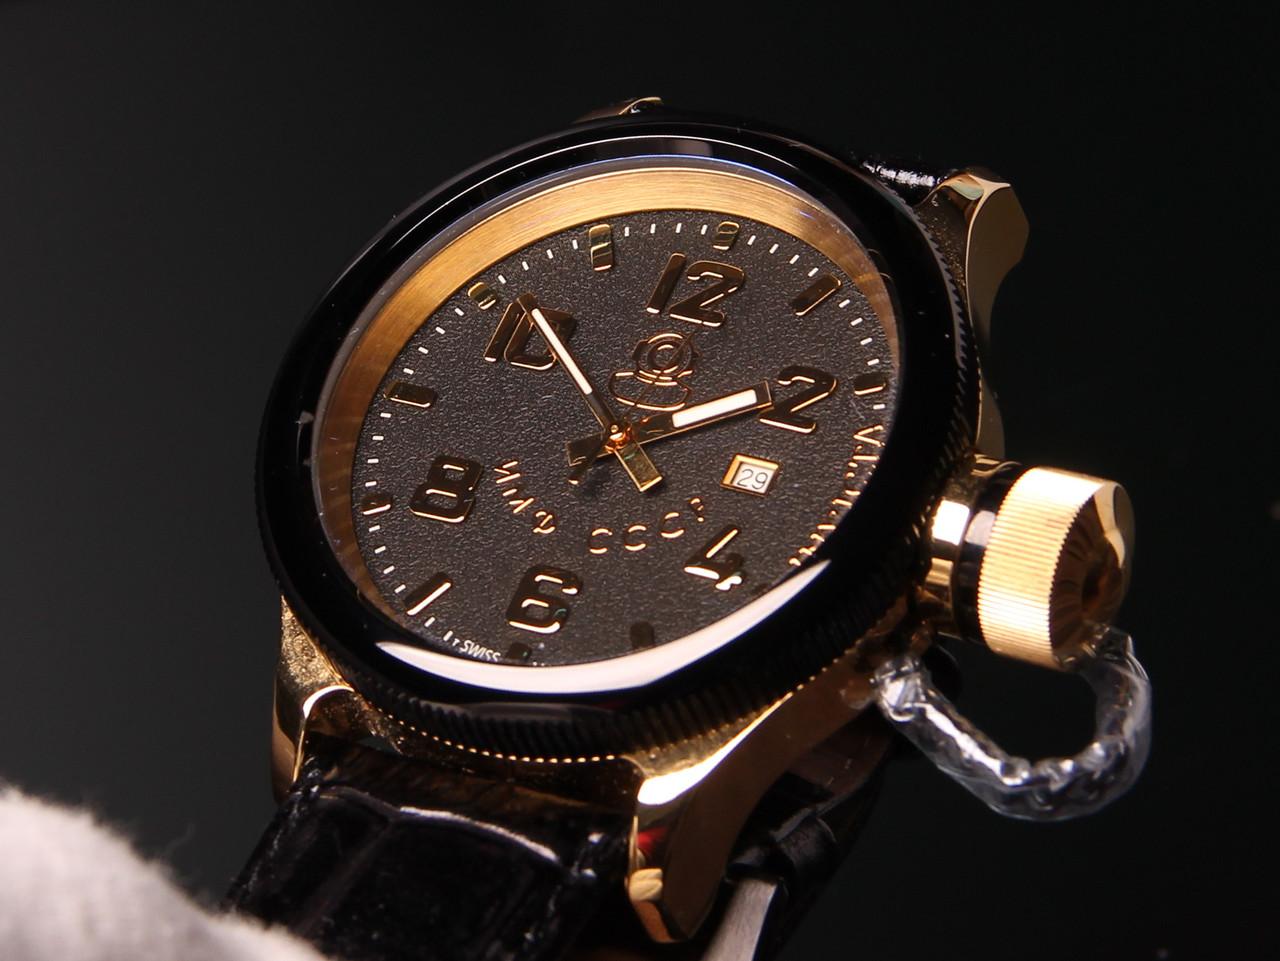 Мужские часы Invicta 12425 Russian Diver, цена 6 032 грн., купить в ... 7fa64a47933